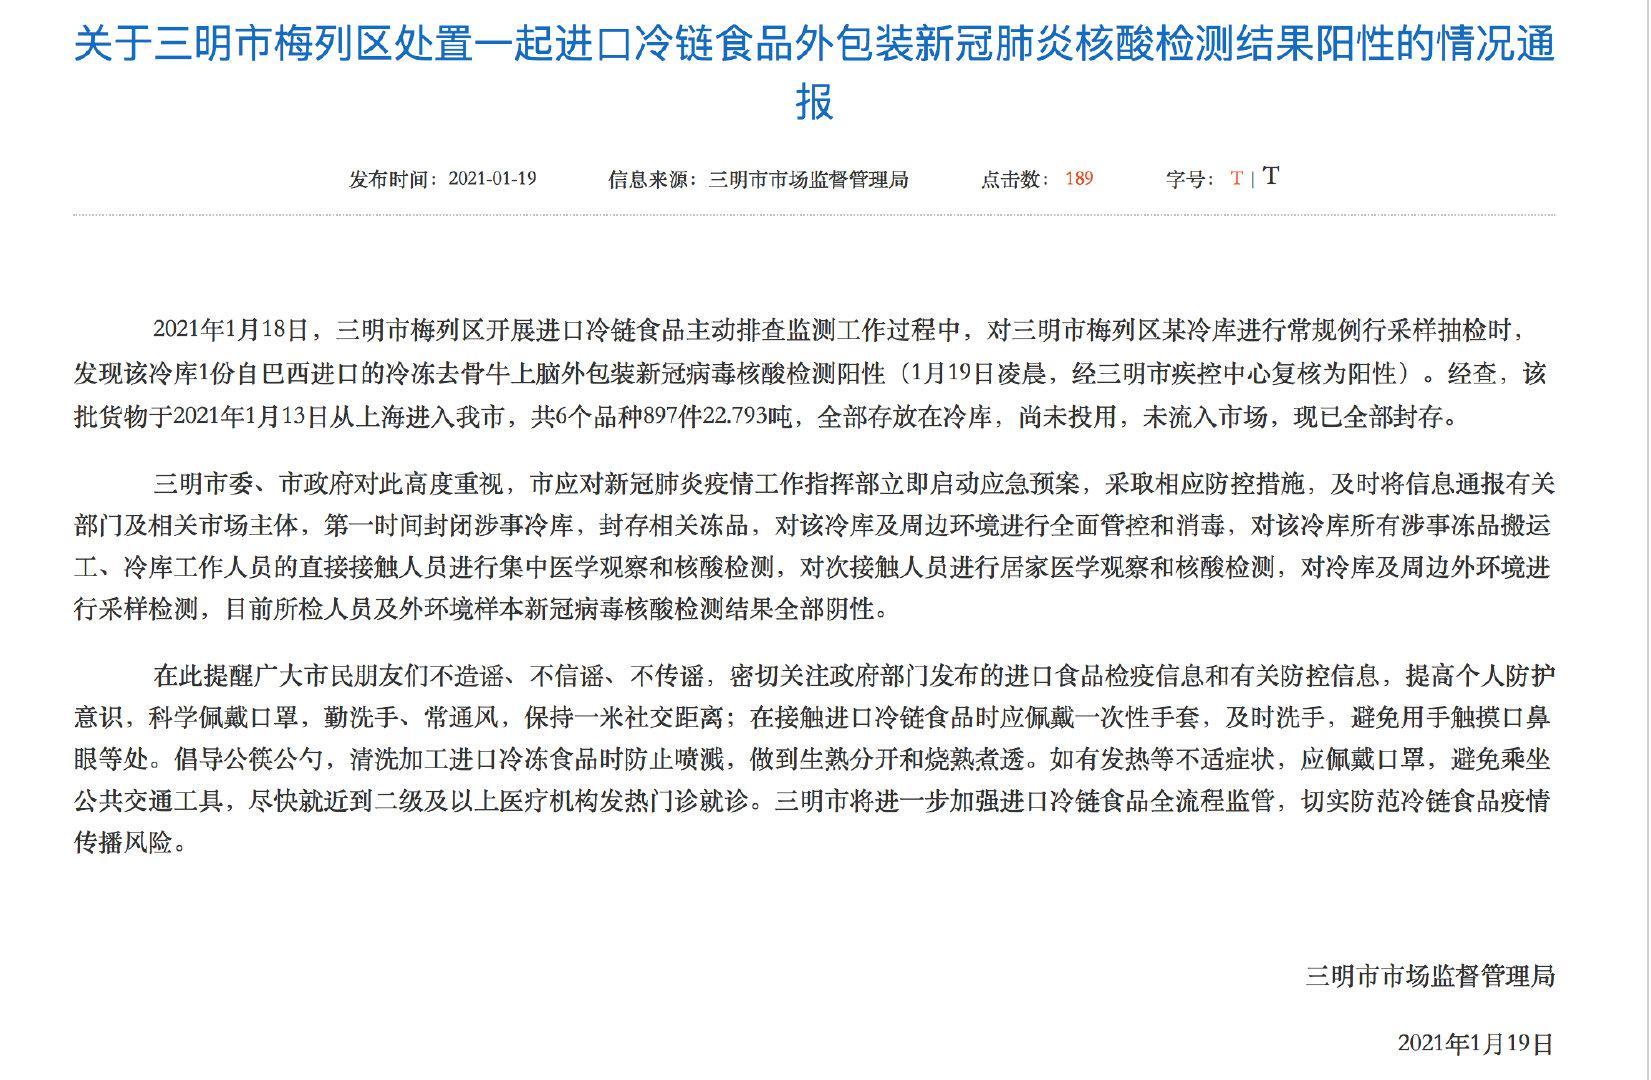 福建三明市一进口冷链食品外包装核酸检测阳性图片